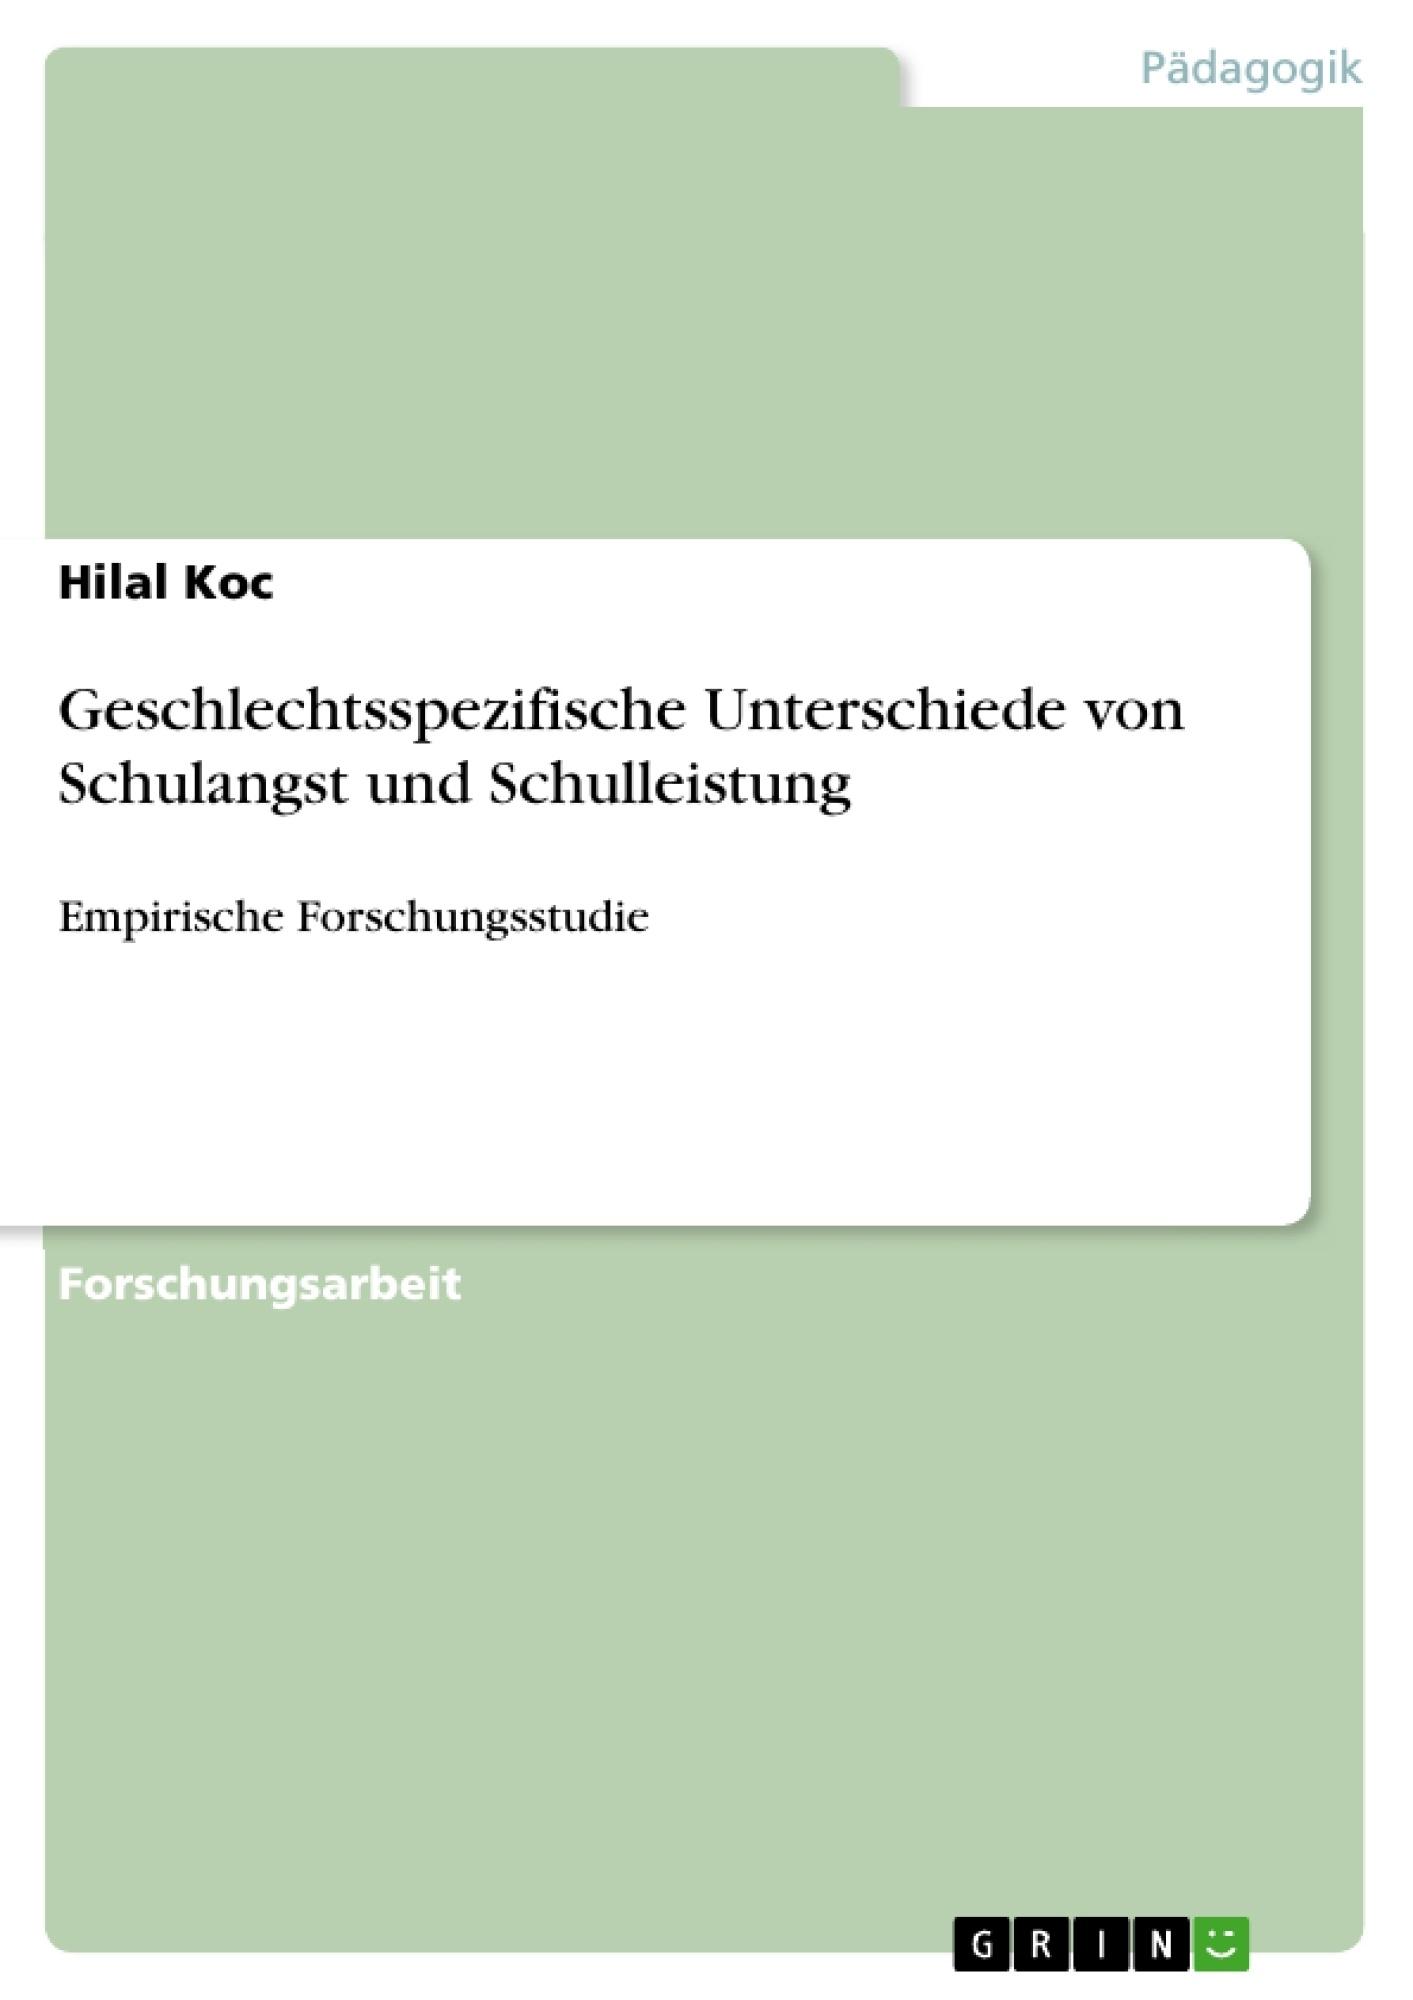 Titel: Geschlechtsspezifische Unterschiede von Schulangst und Schulleistung